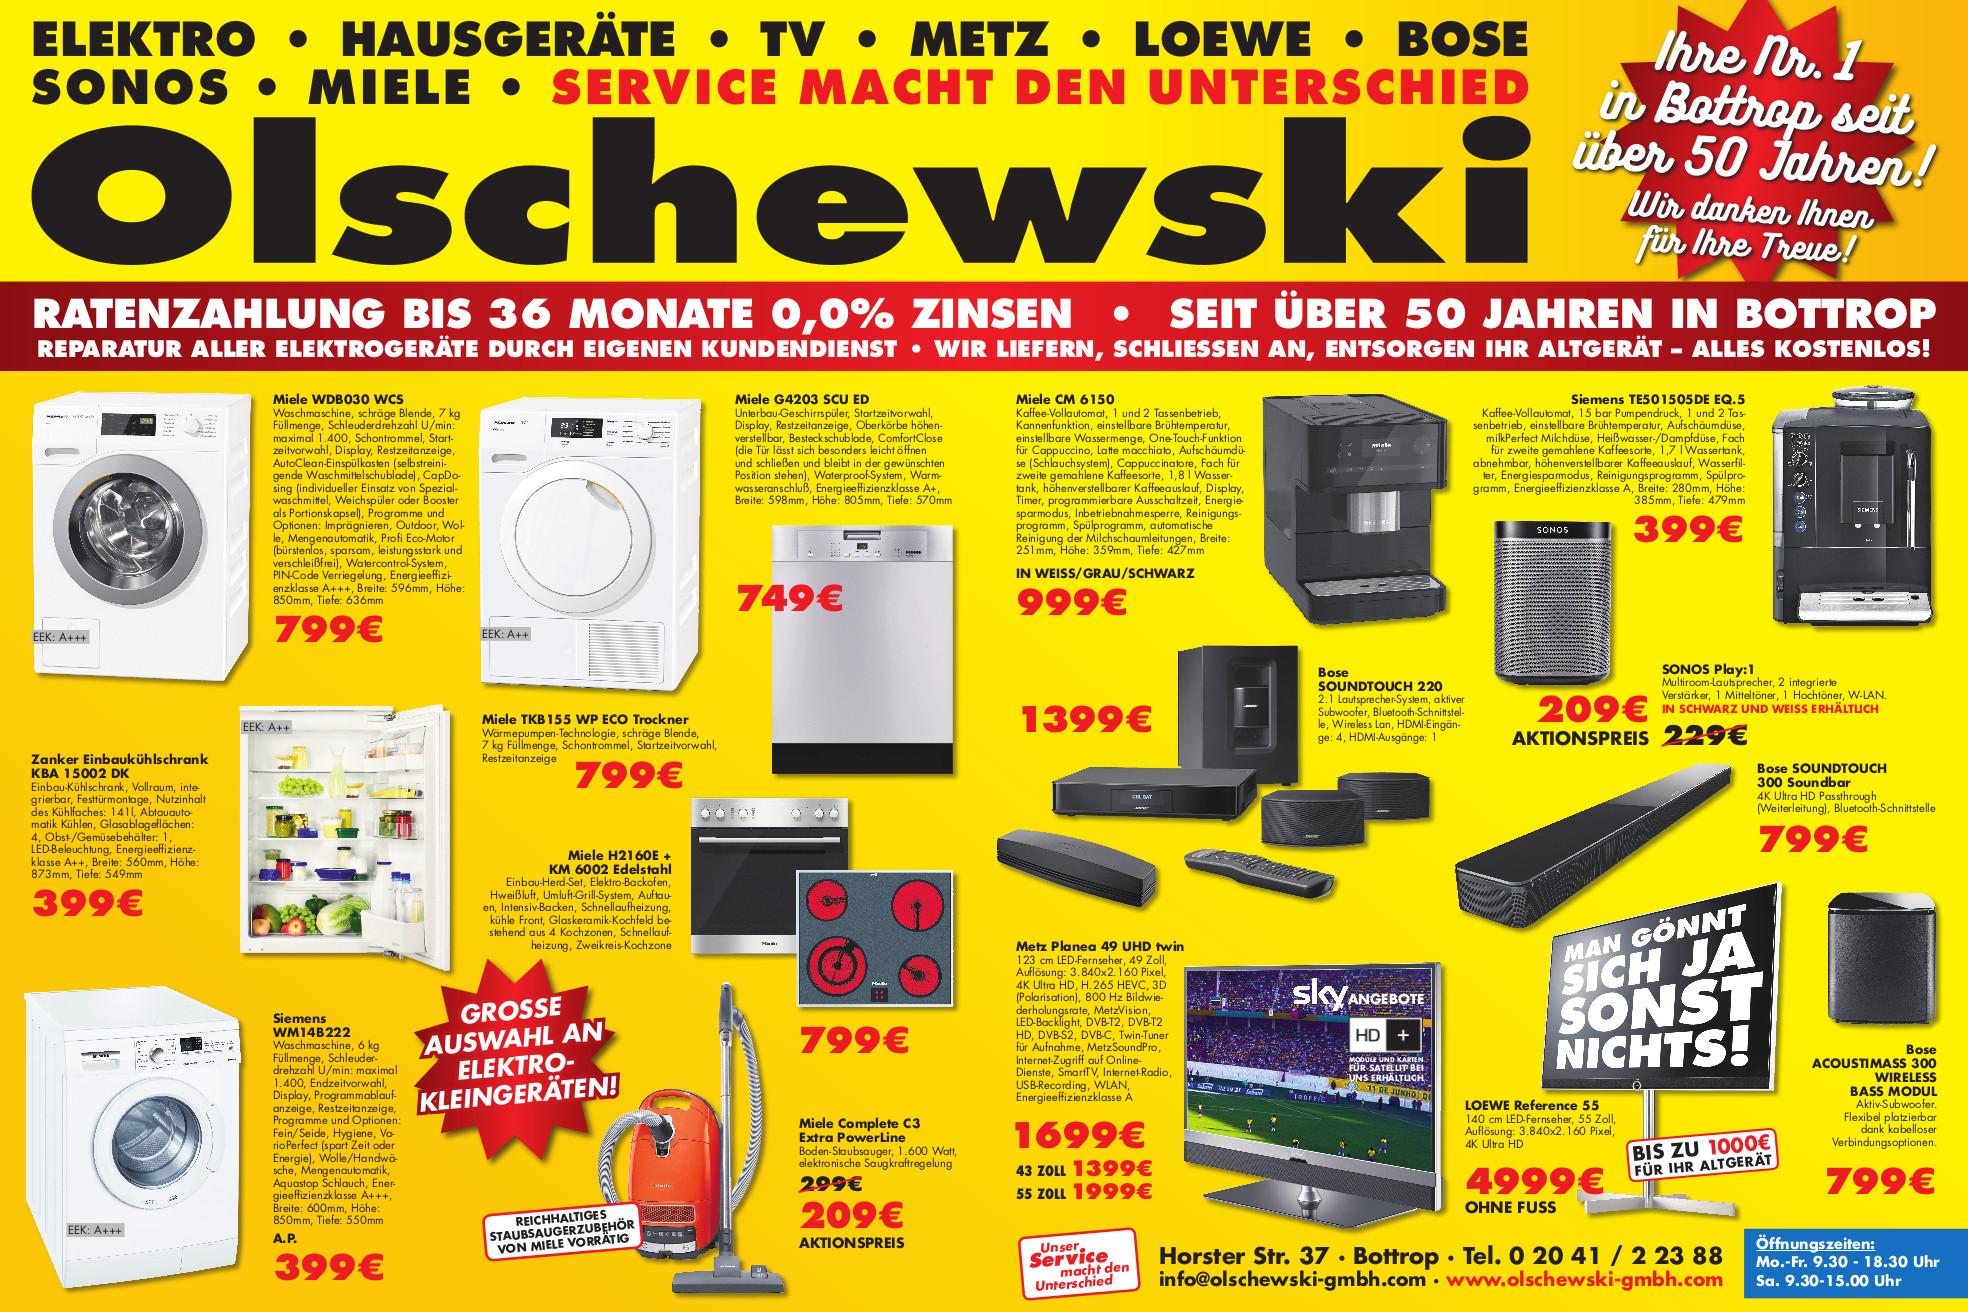 Olschewski_17KW09_Doppelseite